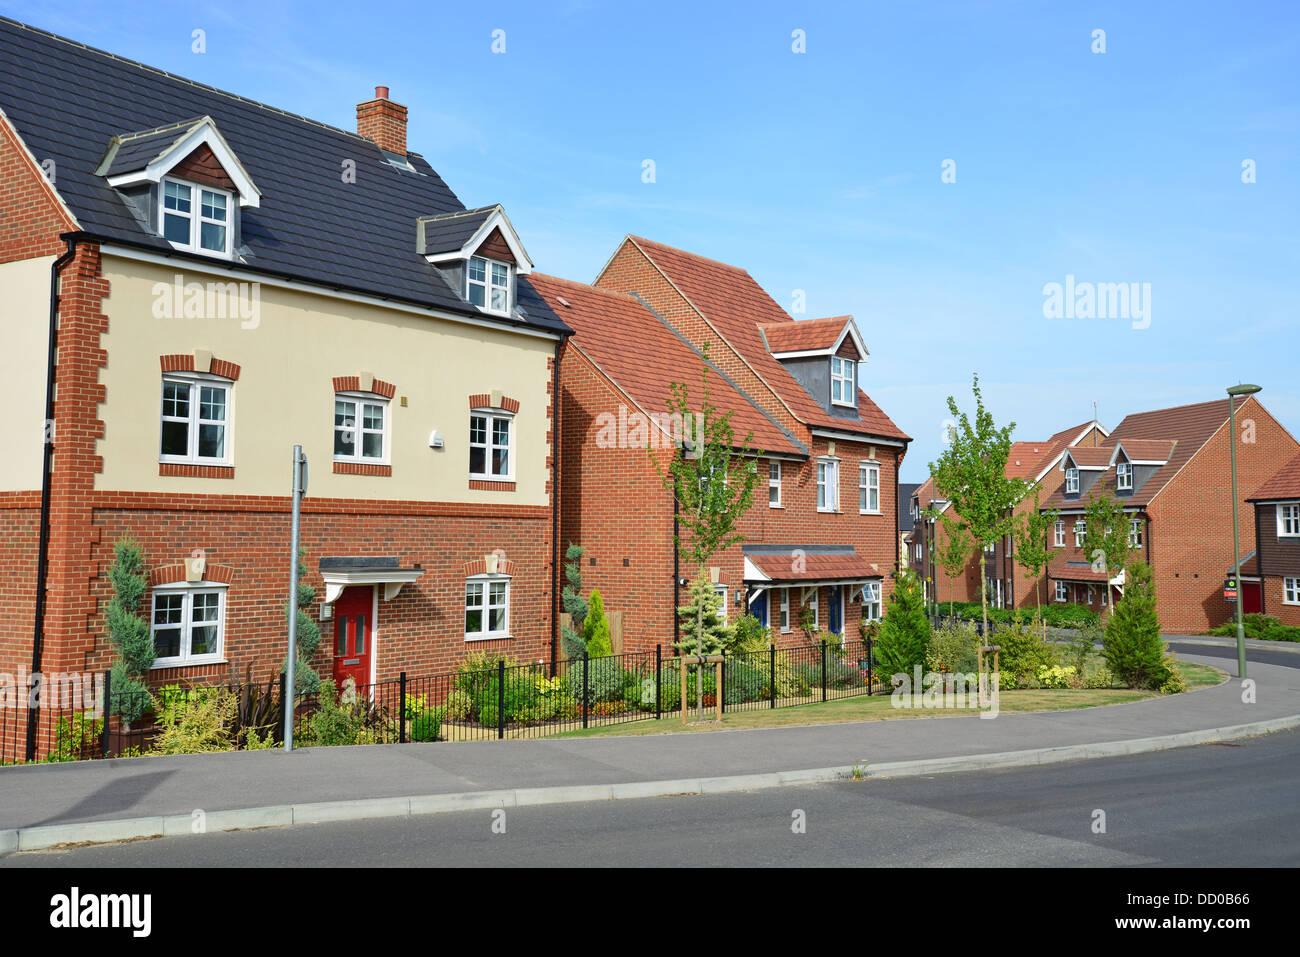 New Houses On Earlswood Park Housing Development Bagshot